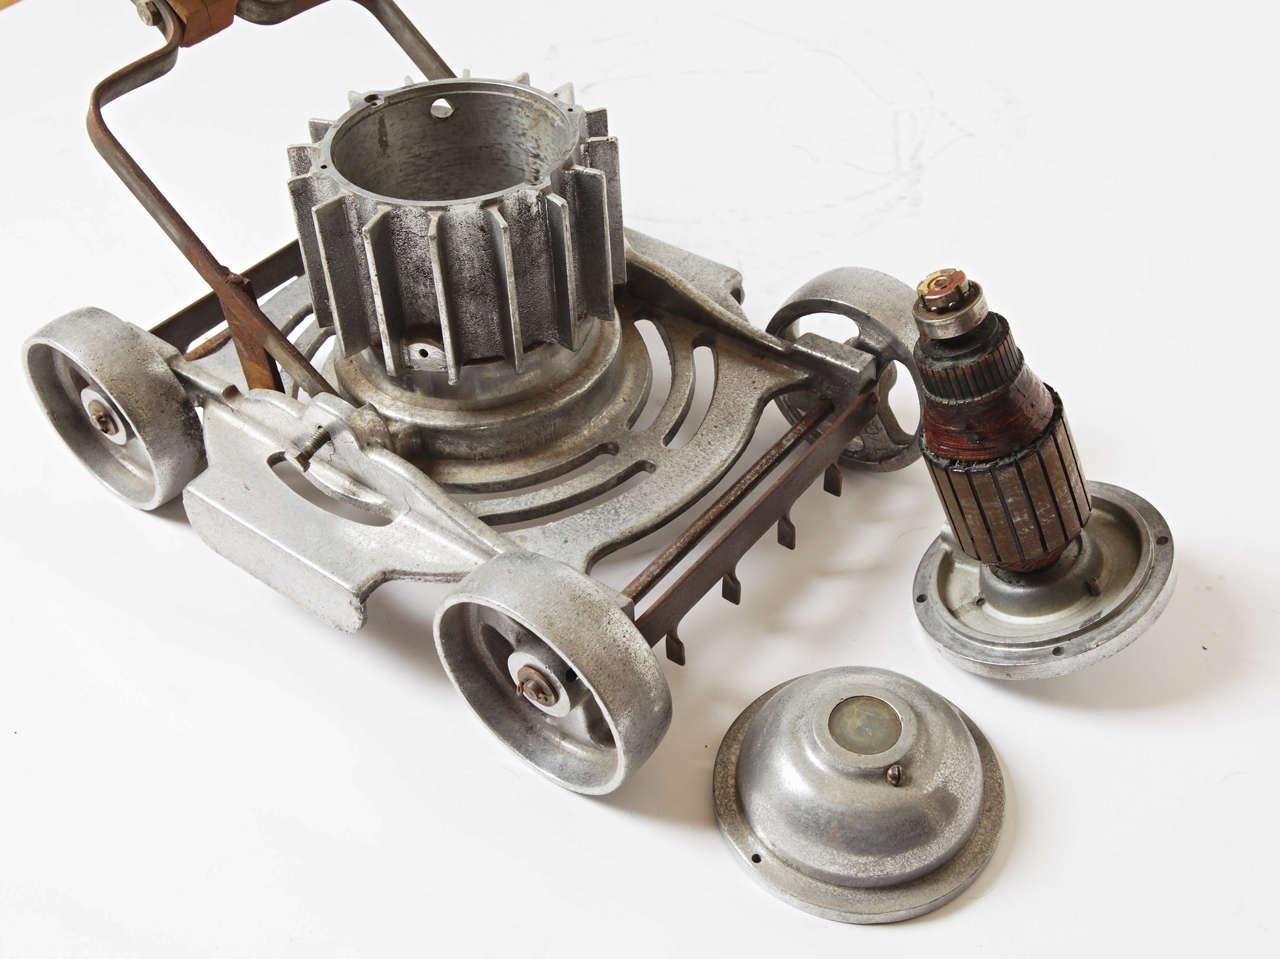 Machine Age, Art Deco, Industrial Design, Cast Aluminum Lawn Mower For Sale 4